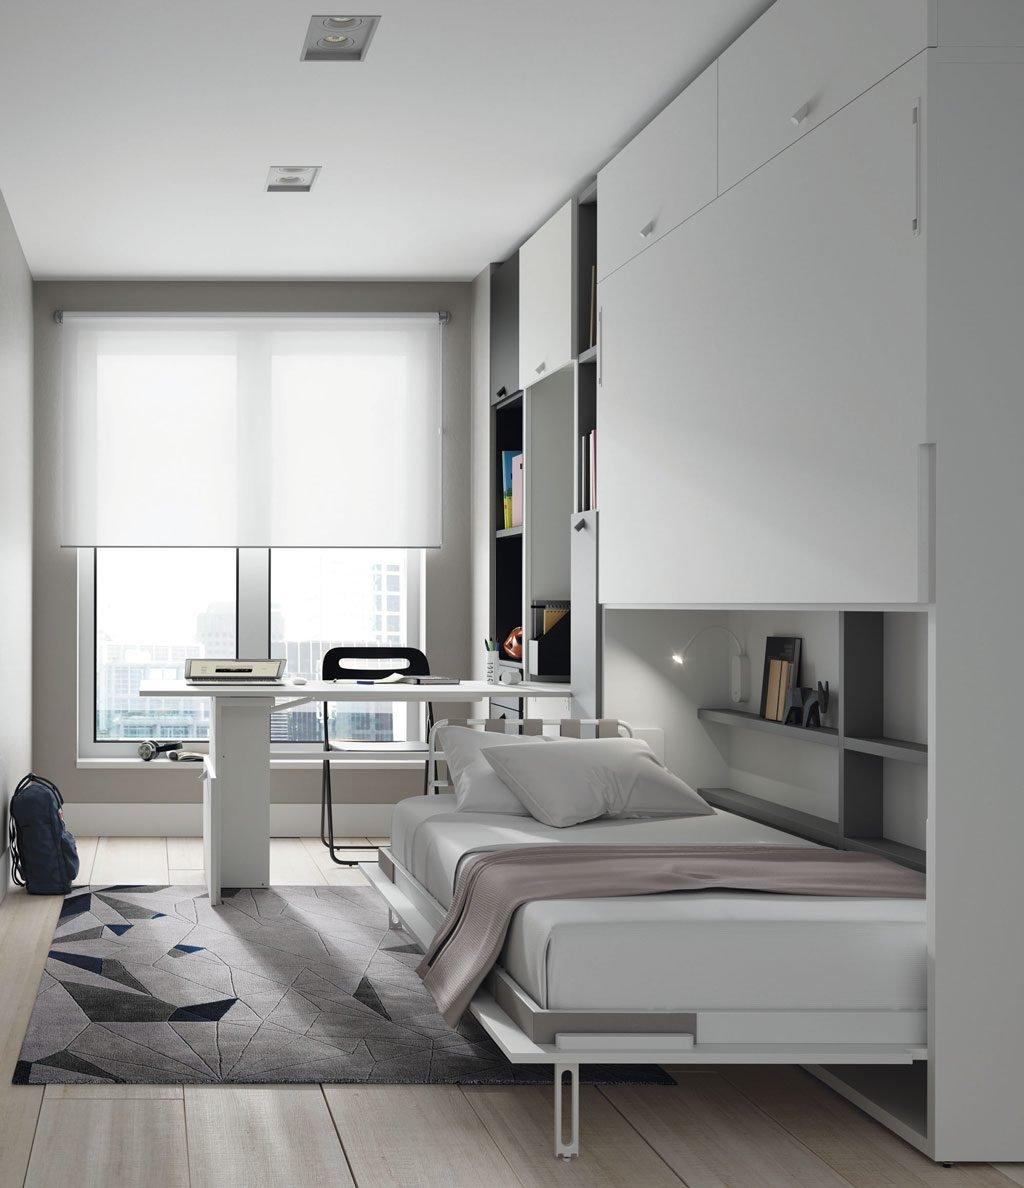 Habitación con la cama inferior y la mesa plegable abiertas